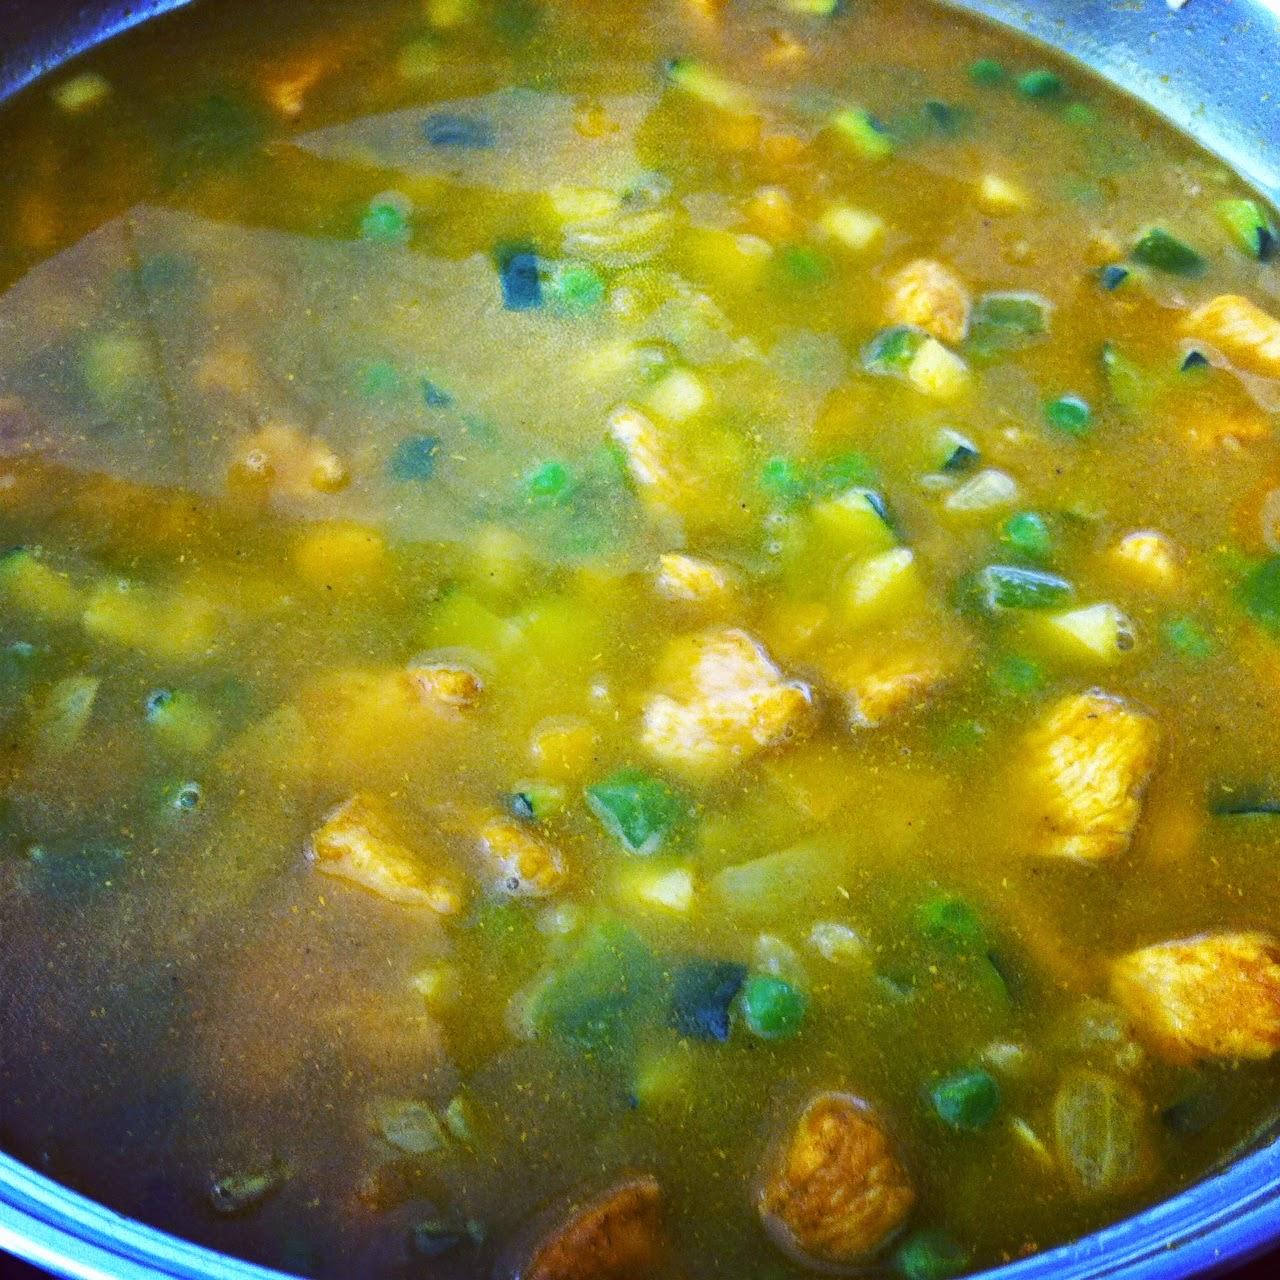 Arroz con pollo y verduras al curry, añadiendo el agua.